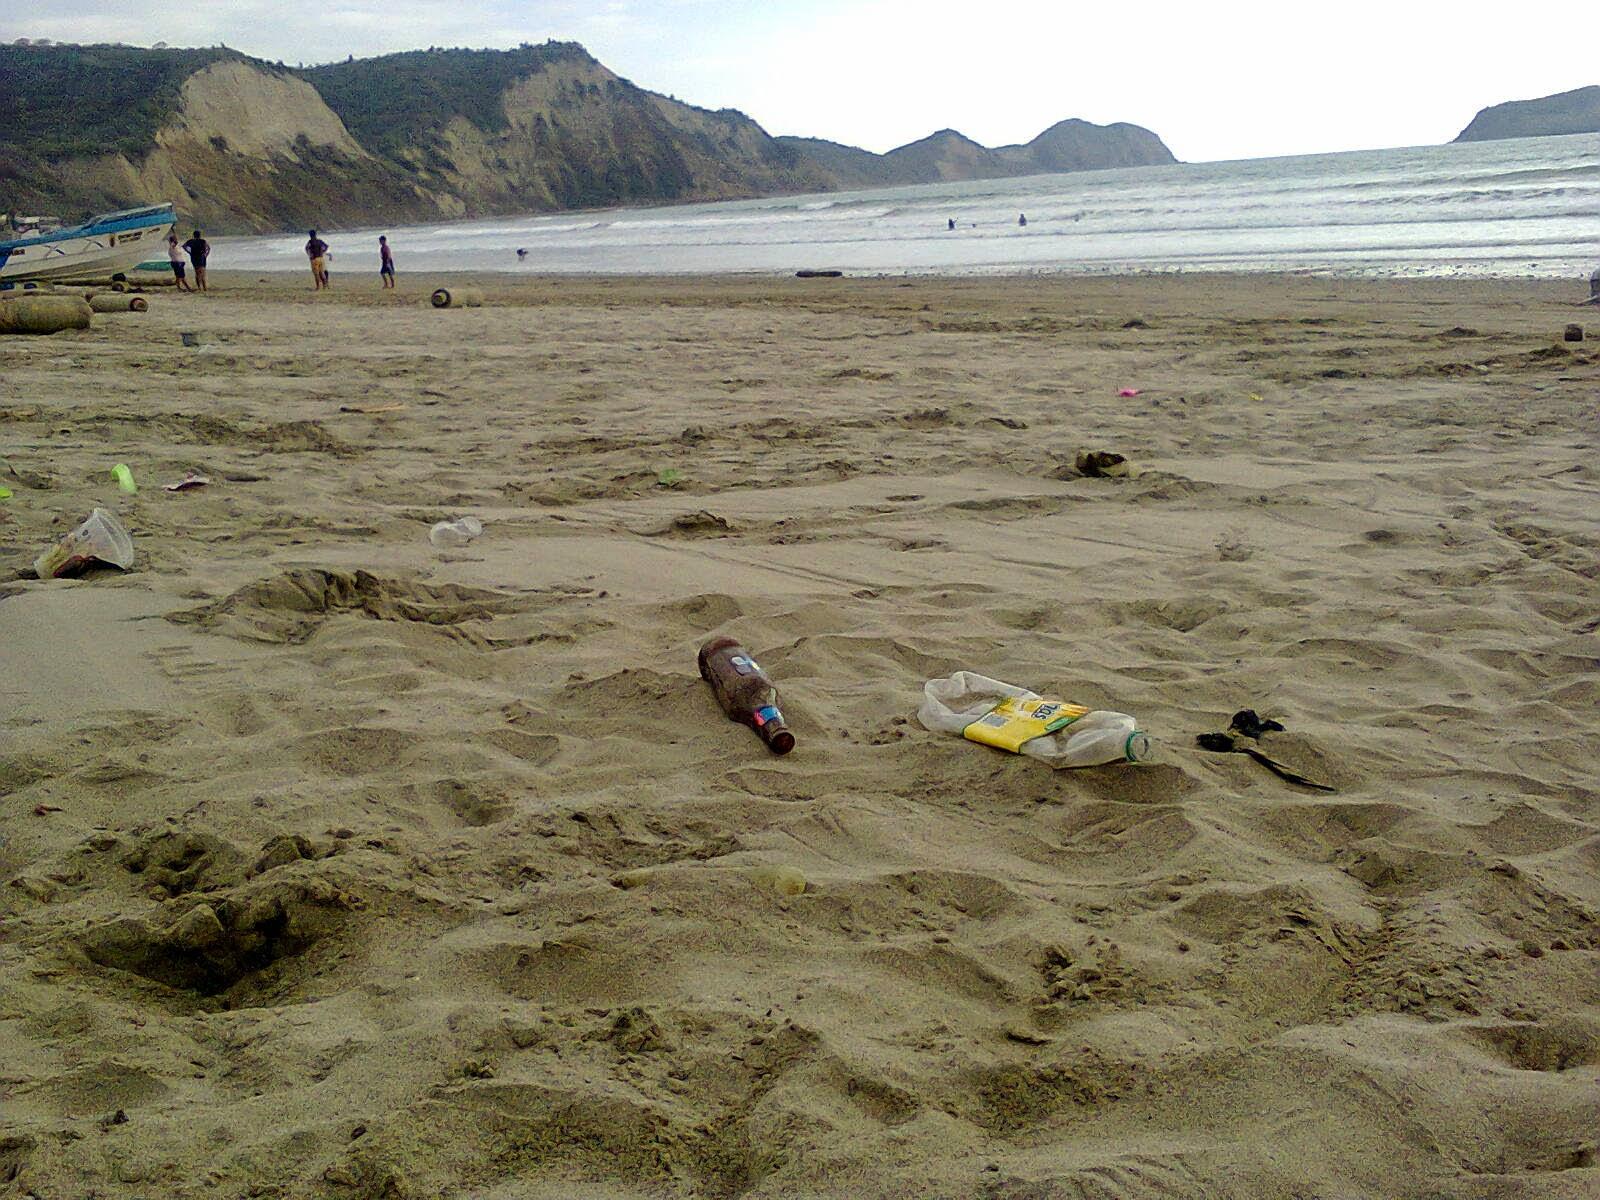 Las botellas y otros desechos dañan el paisaje de Puerto Cayo